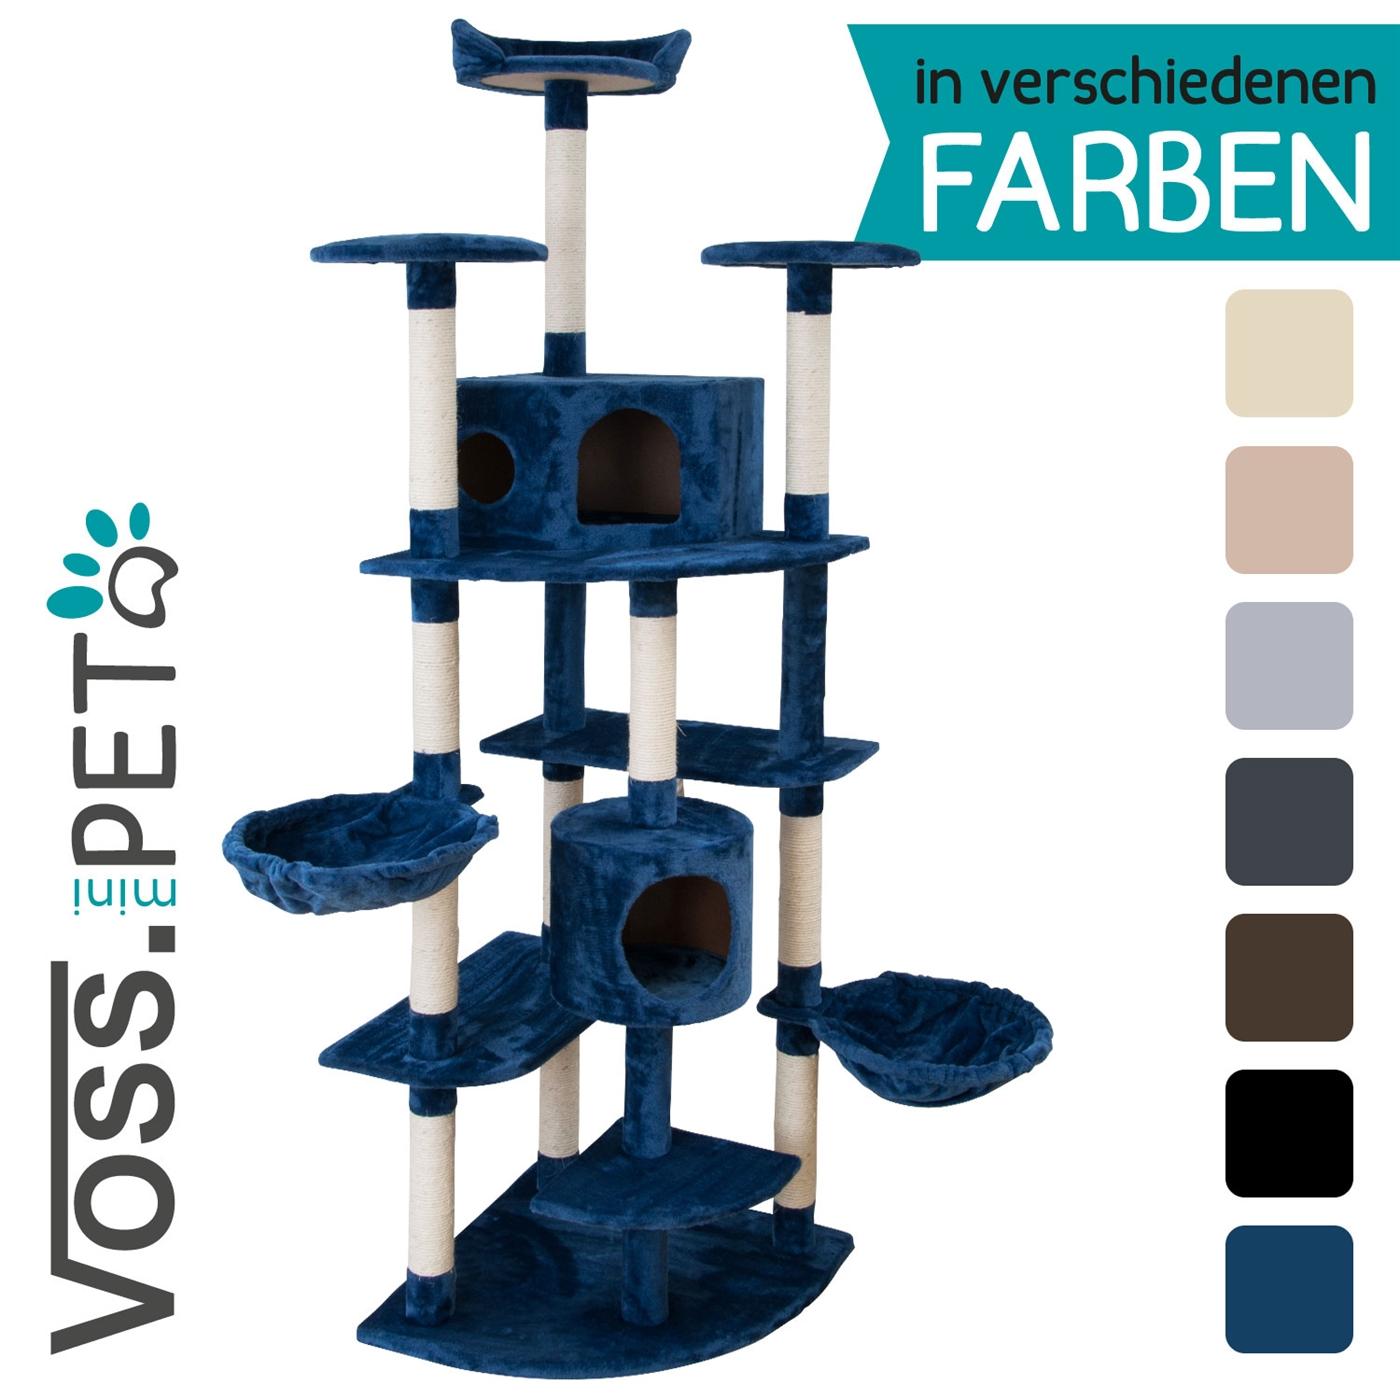 happypet cat002 2 blau kratzbaum katzenbaum mittelhoch 1 82 hoch 8 cm natursisalst mme bunte. Black Bedroom Furniture Sets. Home Design Ideas